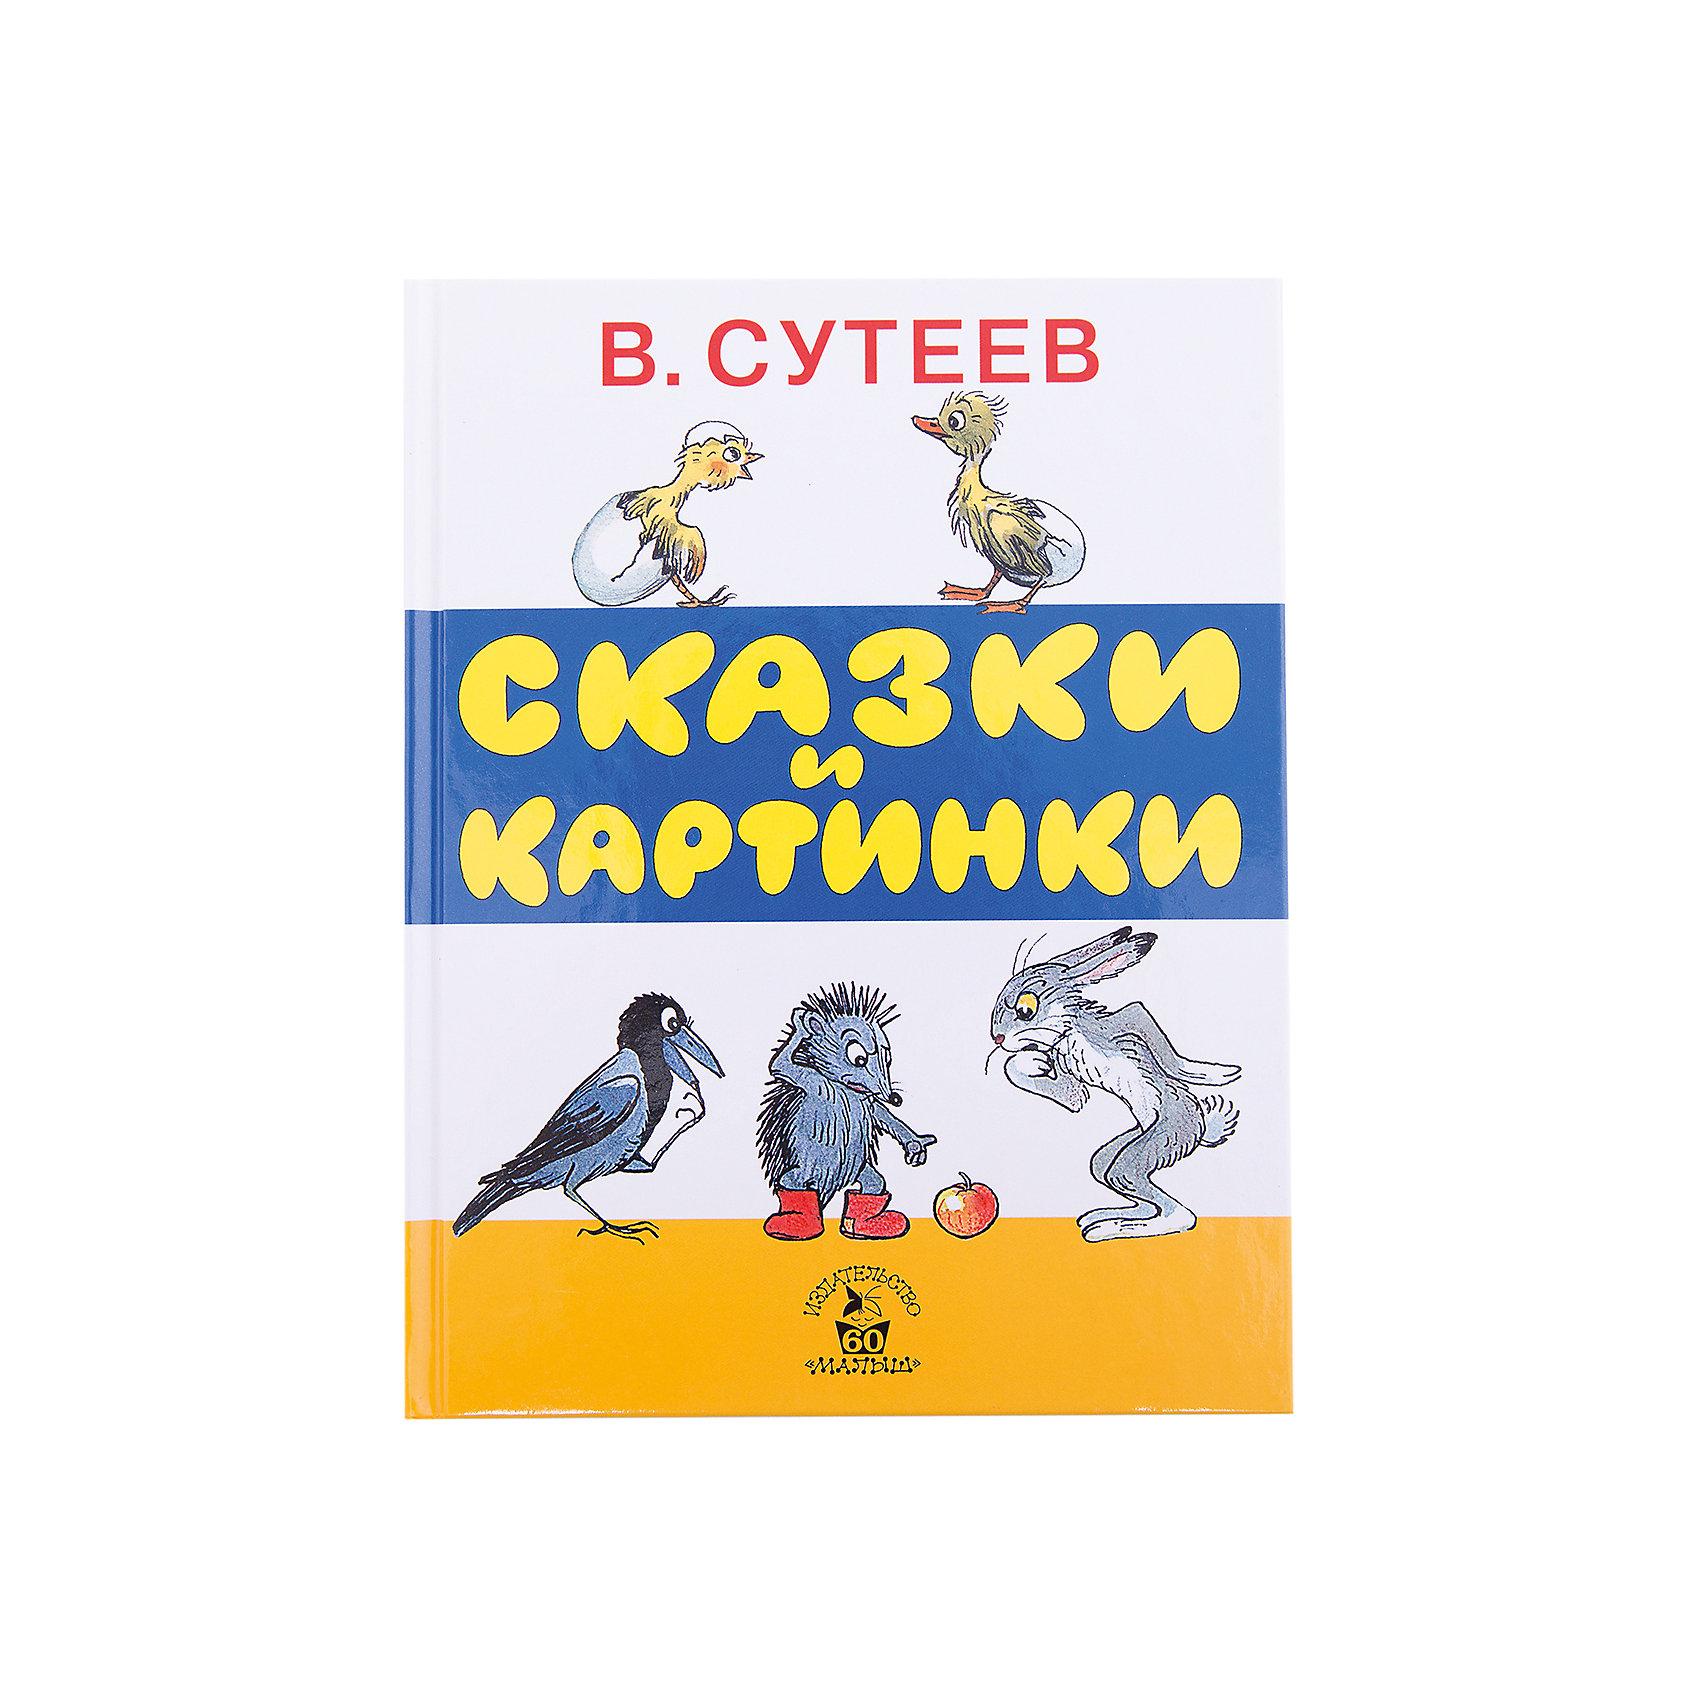 Сказки и картинки В. СутееваСутеев В.Г.<br>Эта книга живет на свете уже много-много лет. И если ты возьмешь ее в руки и покажешь своей бабушке, она воскликнет: Ой! Ну надо же! Я тоже читала её в детстве! И эту книгу придумал, написал  и нарисовал Владимир Григорьевич Сутеев, известный художник-мультипликатор, и назвал её Сказки и картинки. Сказки в ней получились с такими радостными и яркими картинками, что сразу полюбились всем. Полюби их и ты, ведь они добрые и весёлые. Потом (когда вырастешь) расскажешь их своим детям и внукам.<br><br>Ширина мм: 210<br>Глубина мм: 162<br>Высота мм: 150<br>Вес г: 5366<br>Возраст от месяцев: 12<br>Возраст до месяцев: 36<br>Пол: Унисекс<br>Возраст: Детский<br>SKU: 6848387